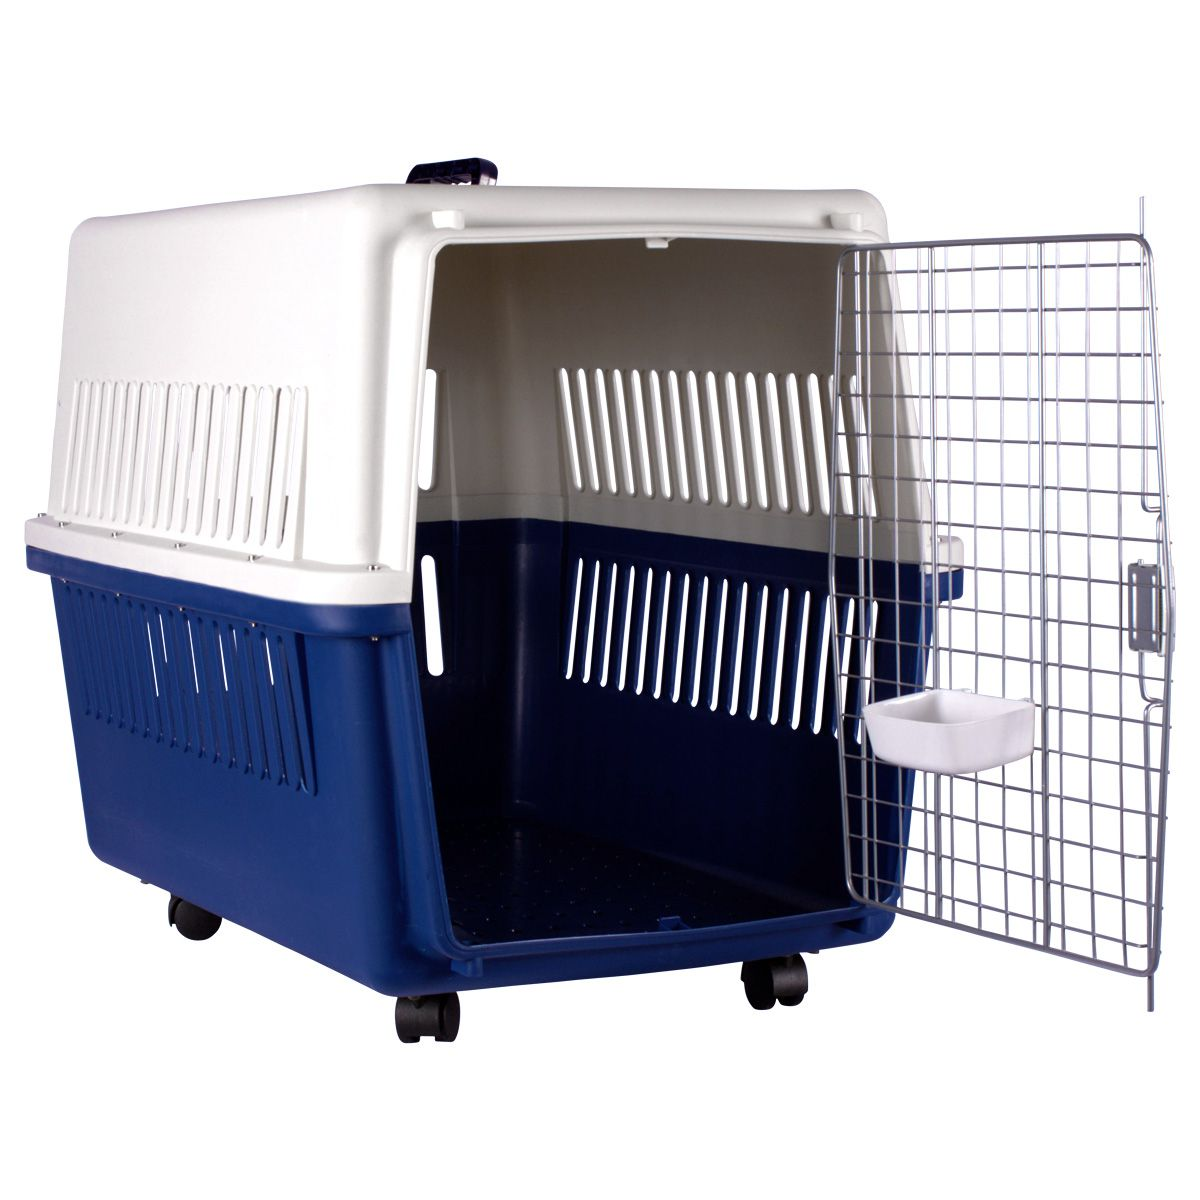 Caixa de Transporte Dog Fly modelo IATA Tamanho 6 N6